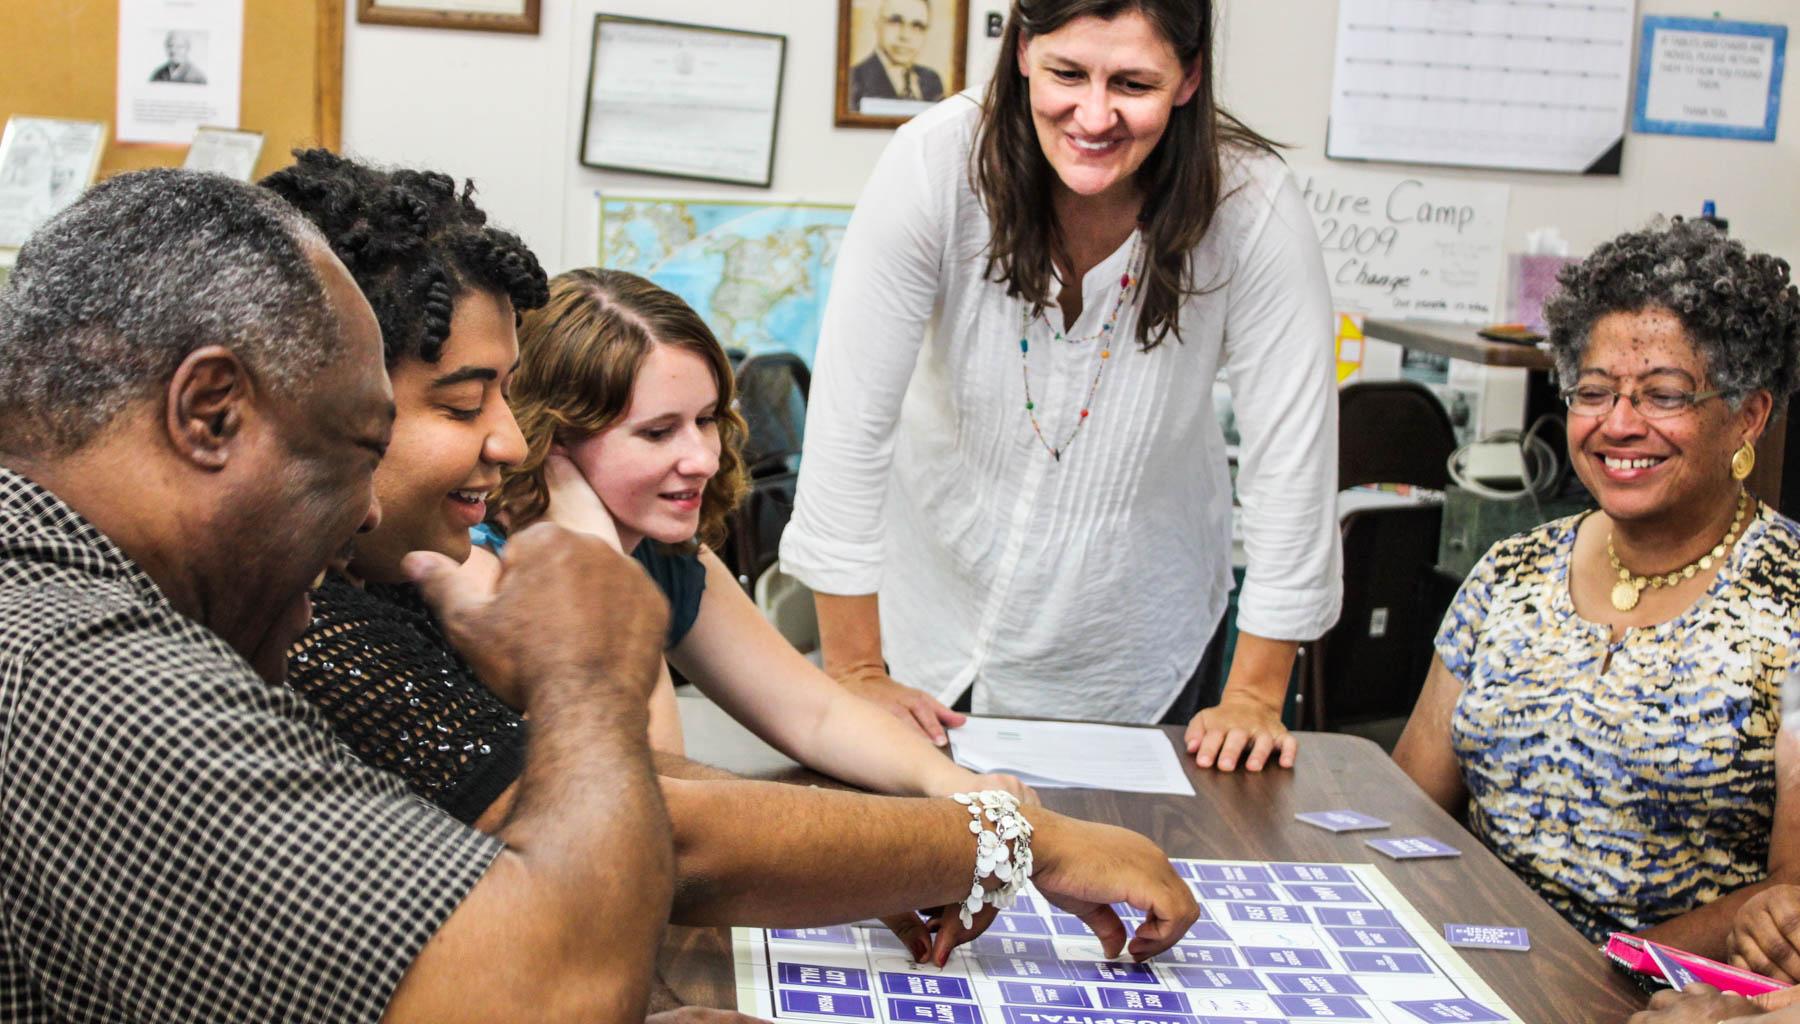 Usa : Jeux De Société Et Théâtre Interactif Pour Planifier L pour Jeux Societe Interactif